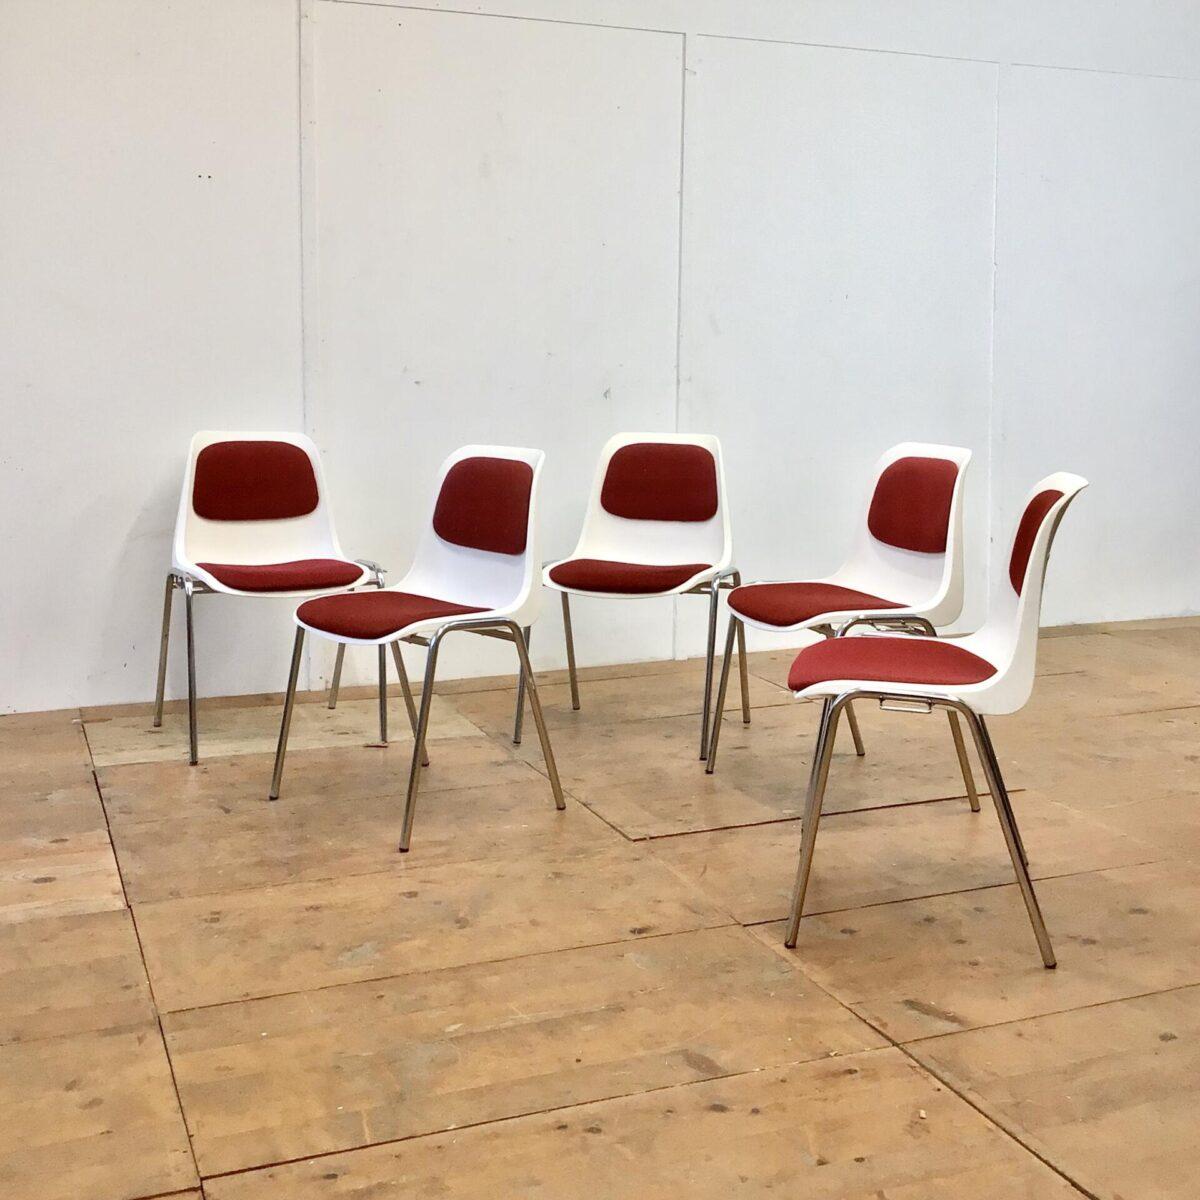 Deuxieme.shop 30 Schalenstühle von Helmut Starke. Preis pro Stuhl. Weisse Kunststoff Sitzschalen mit rotem Polster und verchromten Metall Gestell. Diese Stühle lassen sich seitlich zusammen verbinden, wie dies feuertechnisch bei einer Saalbestuhlung erforderlich ist. Für den Privaten Gebrauch lassen sich die Verbindungsbeschläge Sicherlich entfernen. Ein paar wenige sind schon ohne diese Konstruktion. Der rote Stoff Bezug ist in recht gepflegtem Zustand. Die Stühle sind recht bequem, und passen sich durch die leichte Flexibilität, dem Benutzer an.